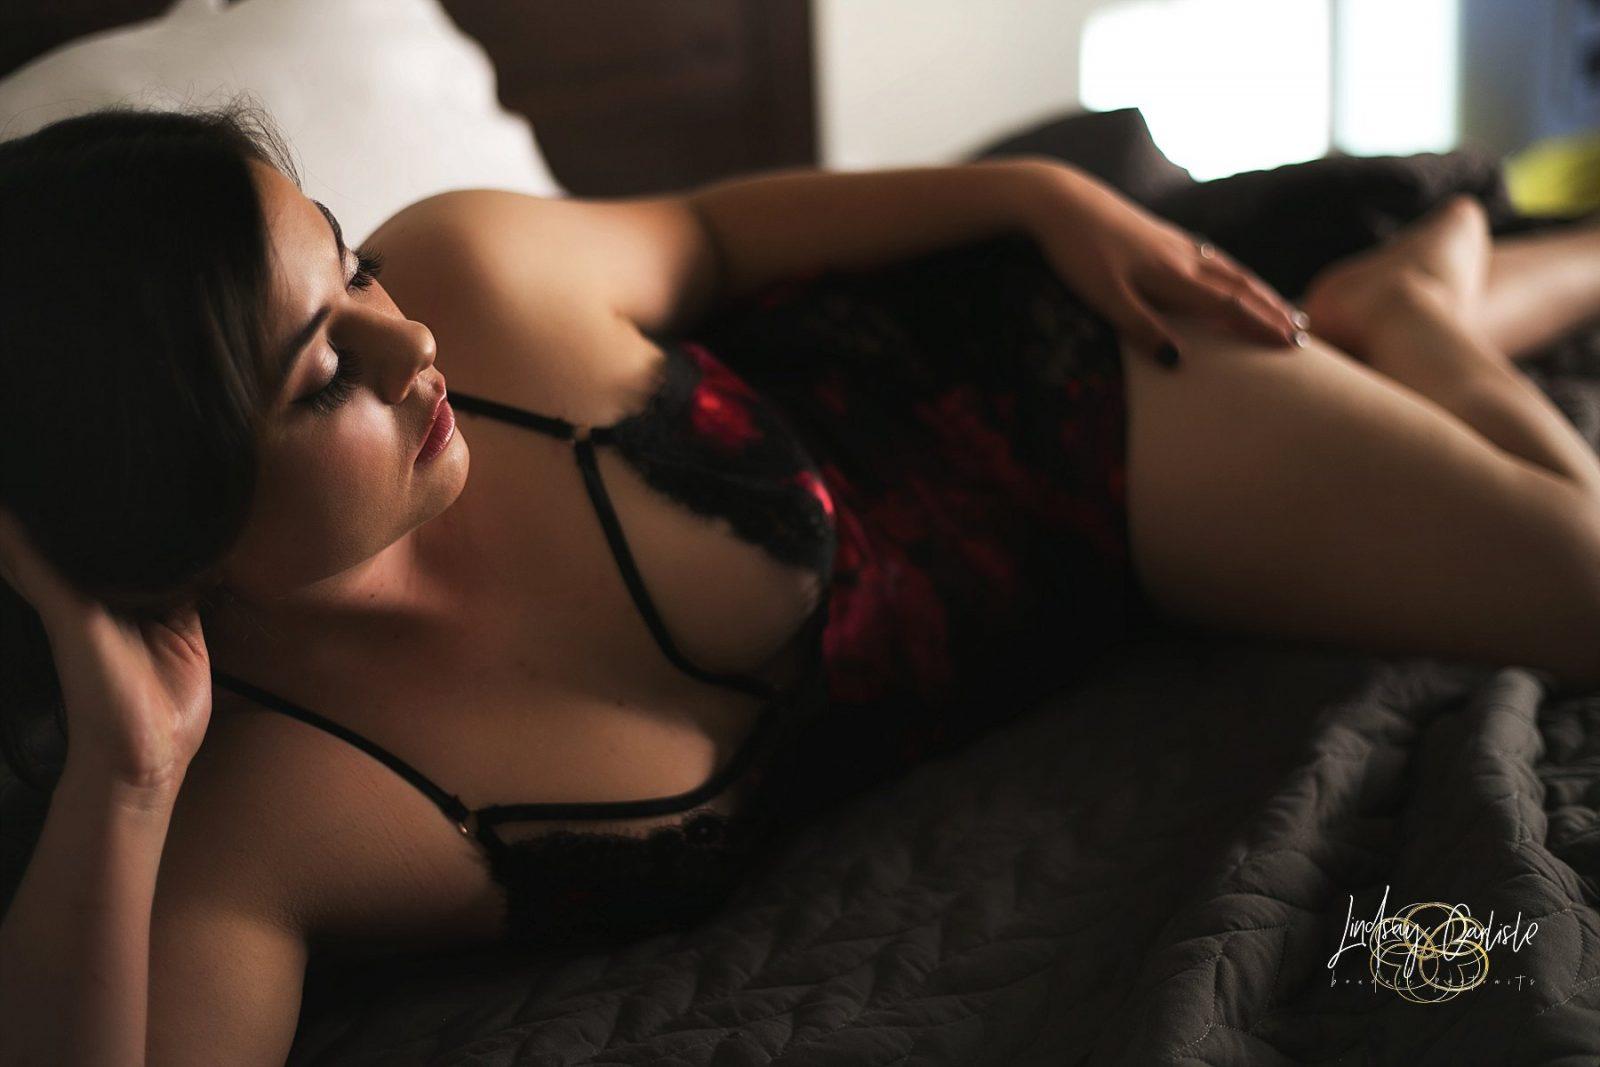 bay area-initimite-portrait-boudoir-photographer.jpg